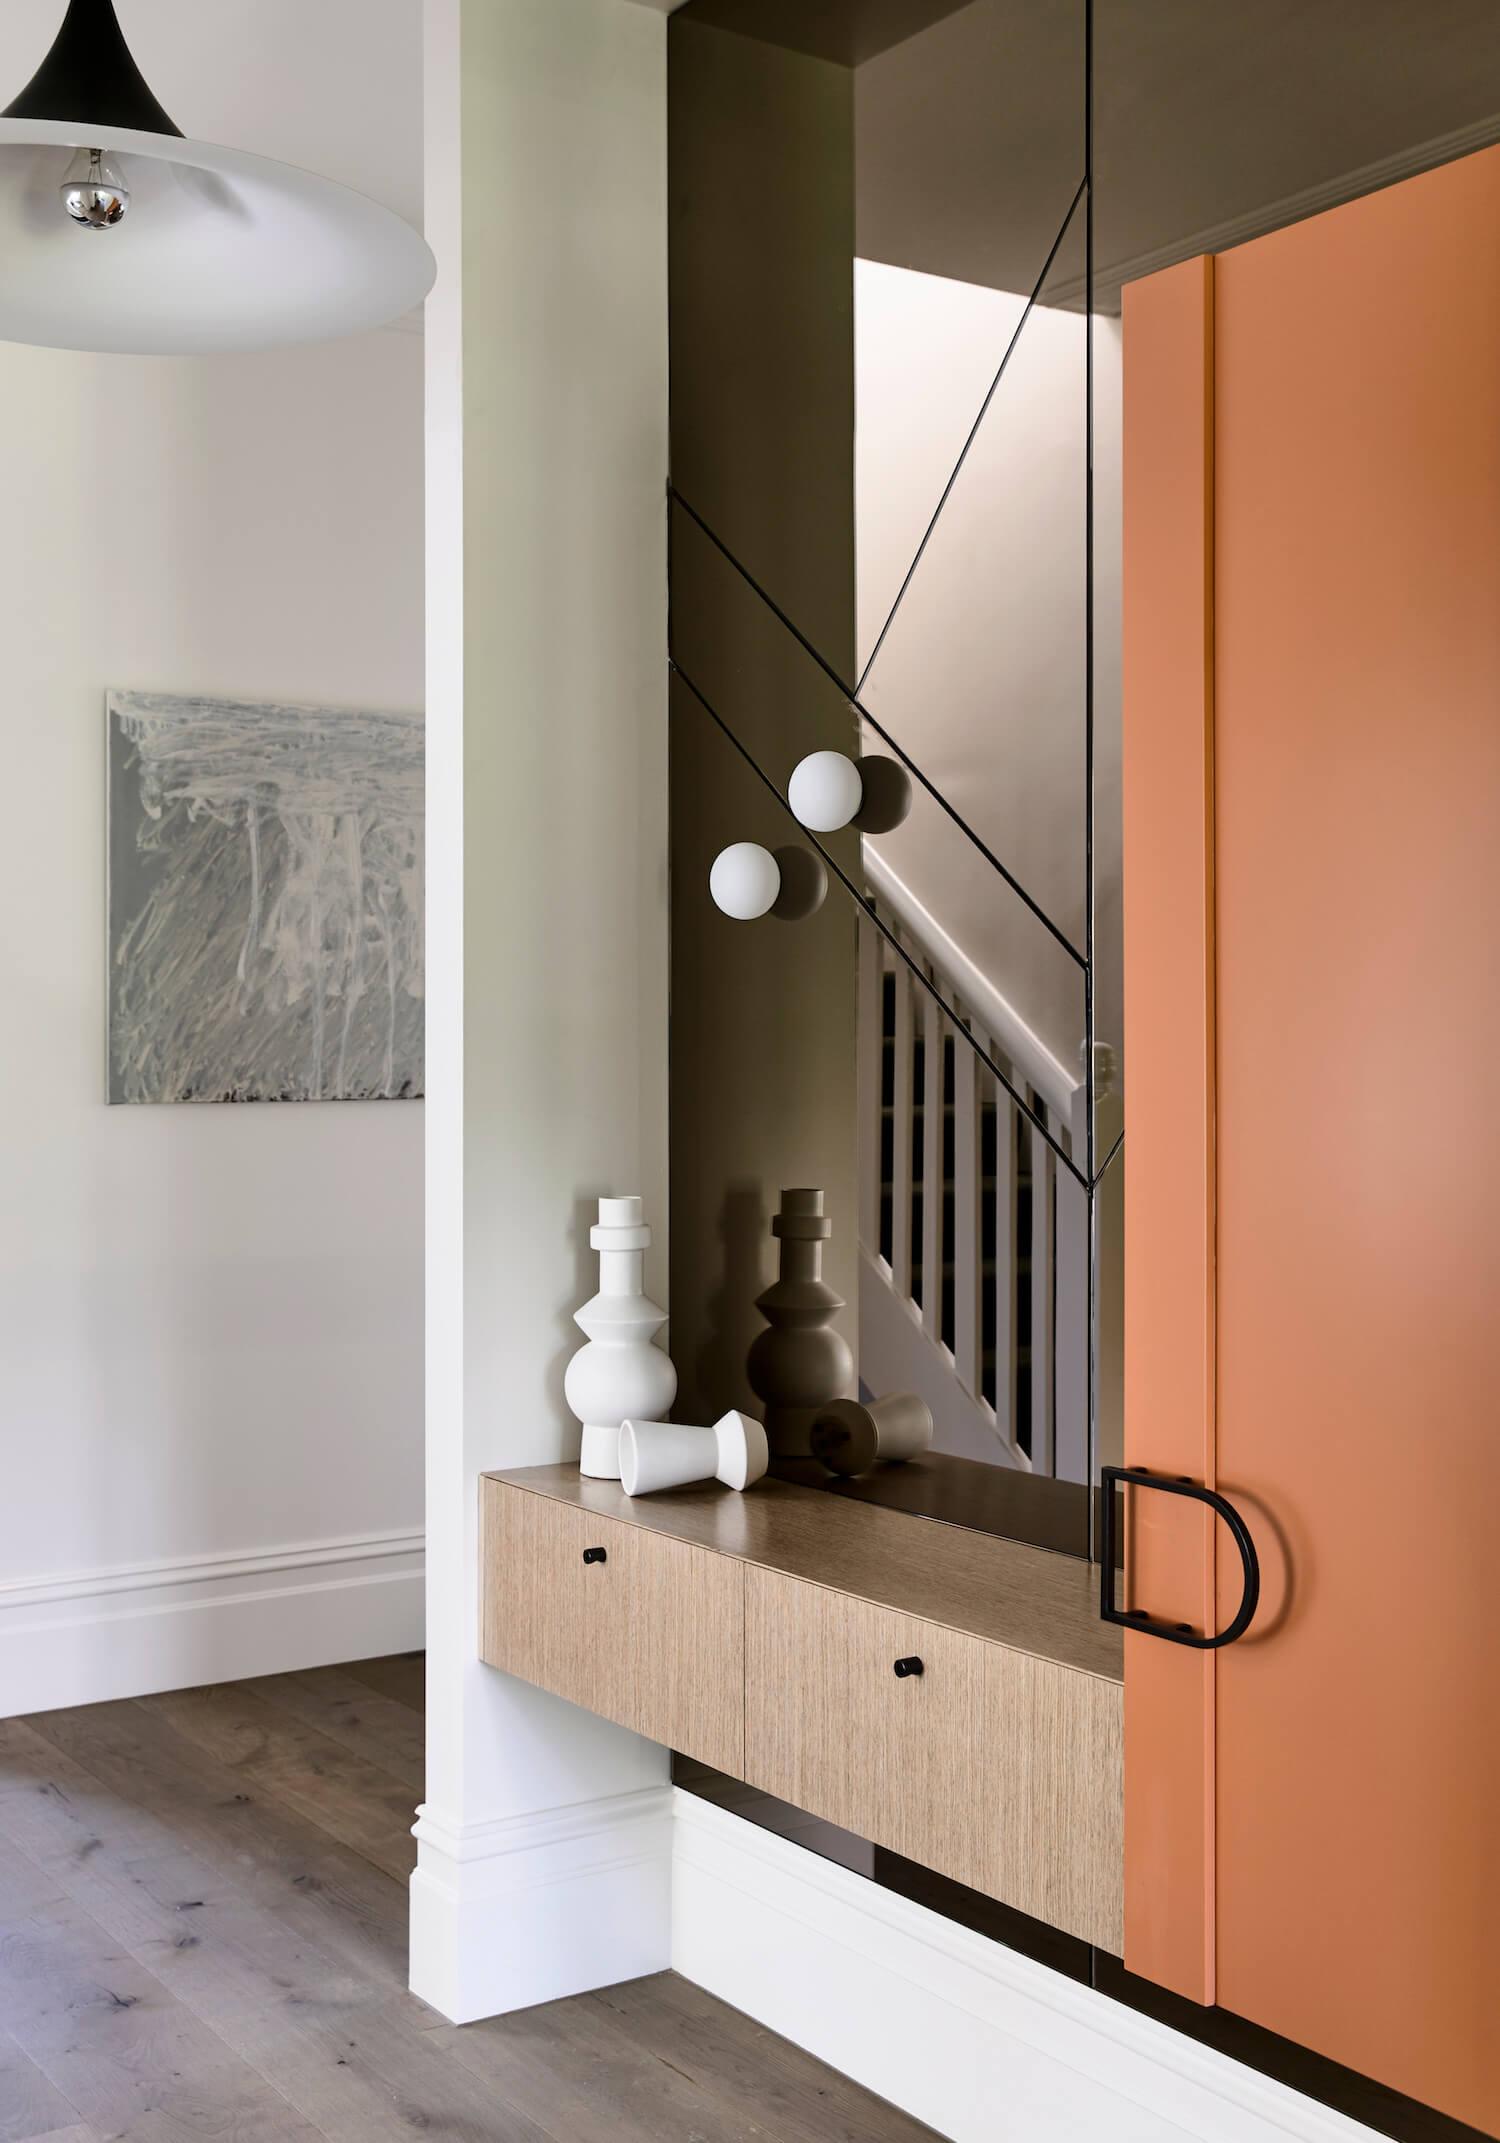 est living designer interview mardi doherty design studio ivanhoe res derek swalwell 3